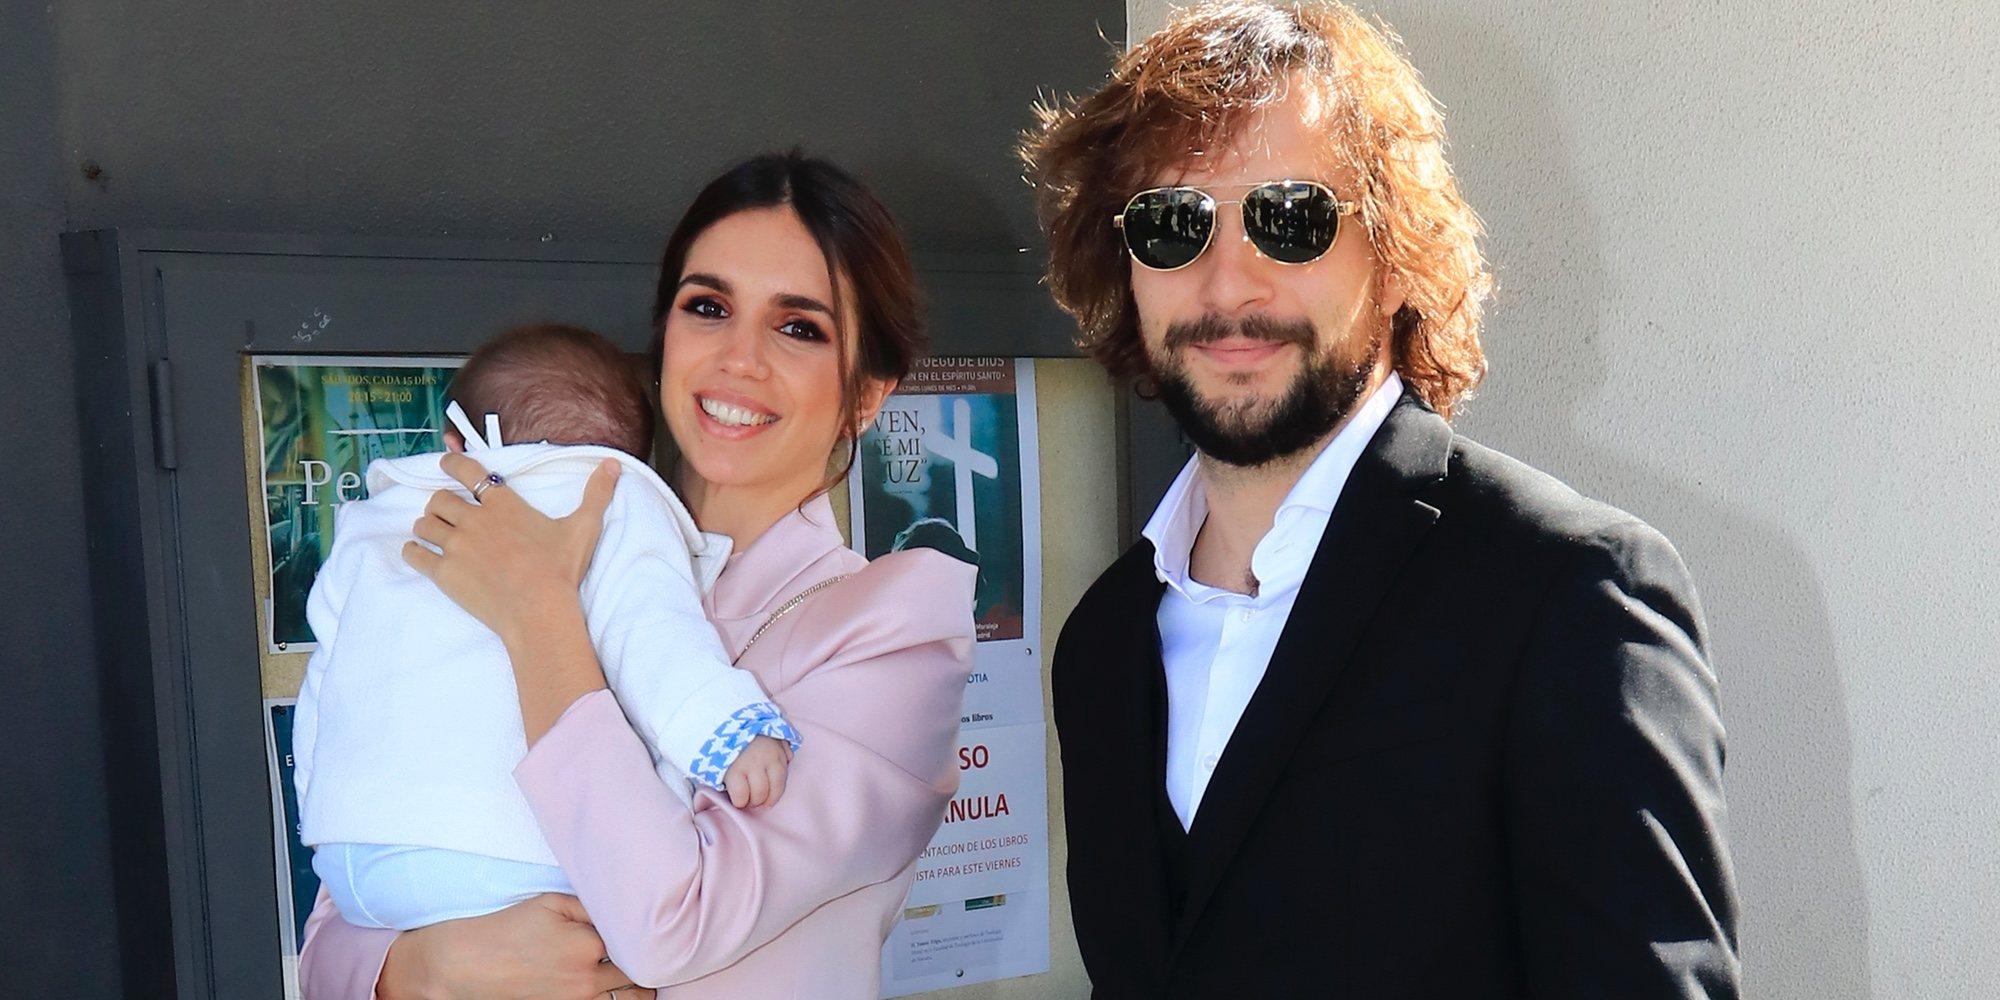 Elena Furiase y Gonzalo Sierra bautizan a su hijo Noah rodeados de familia y amigos